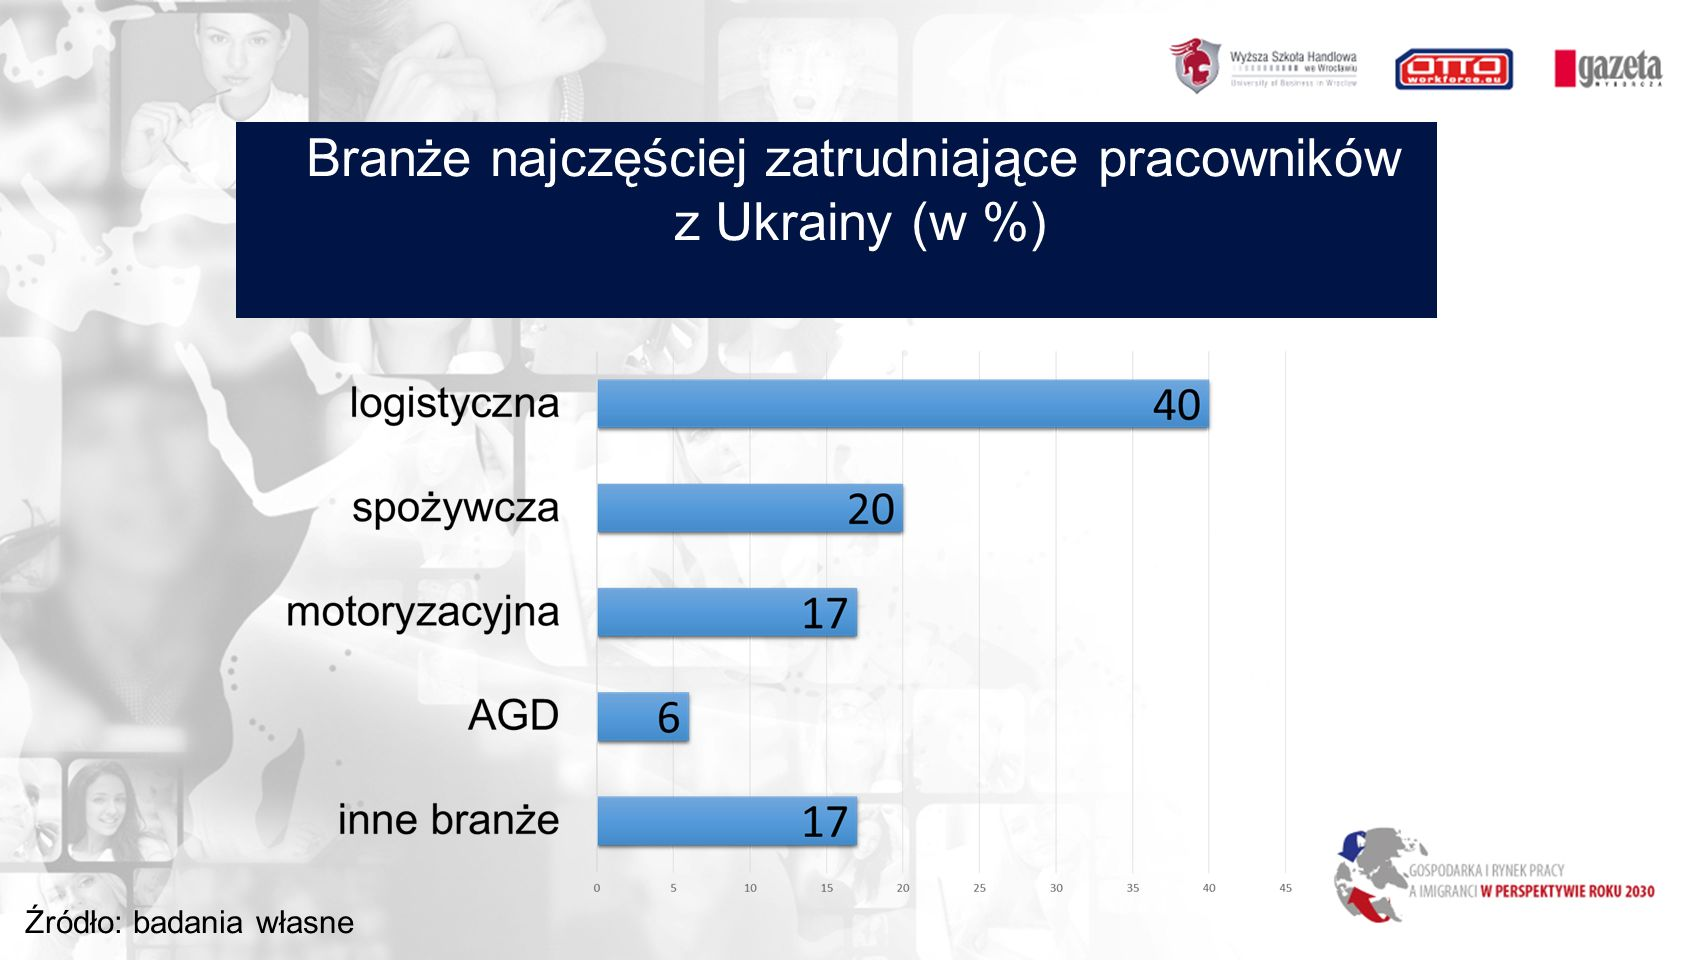 Branże najczęściej zatrudniające pracowników z Ukrainy (w %) Źródło: badania własne